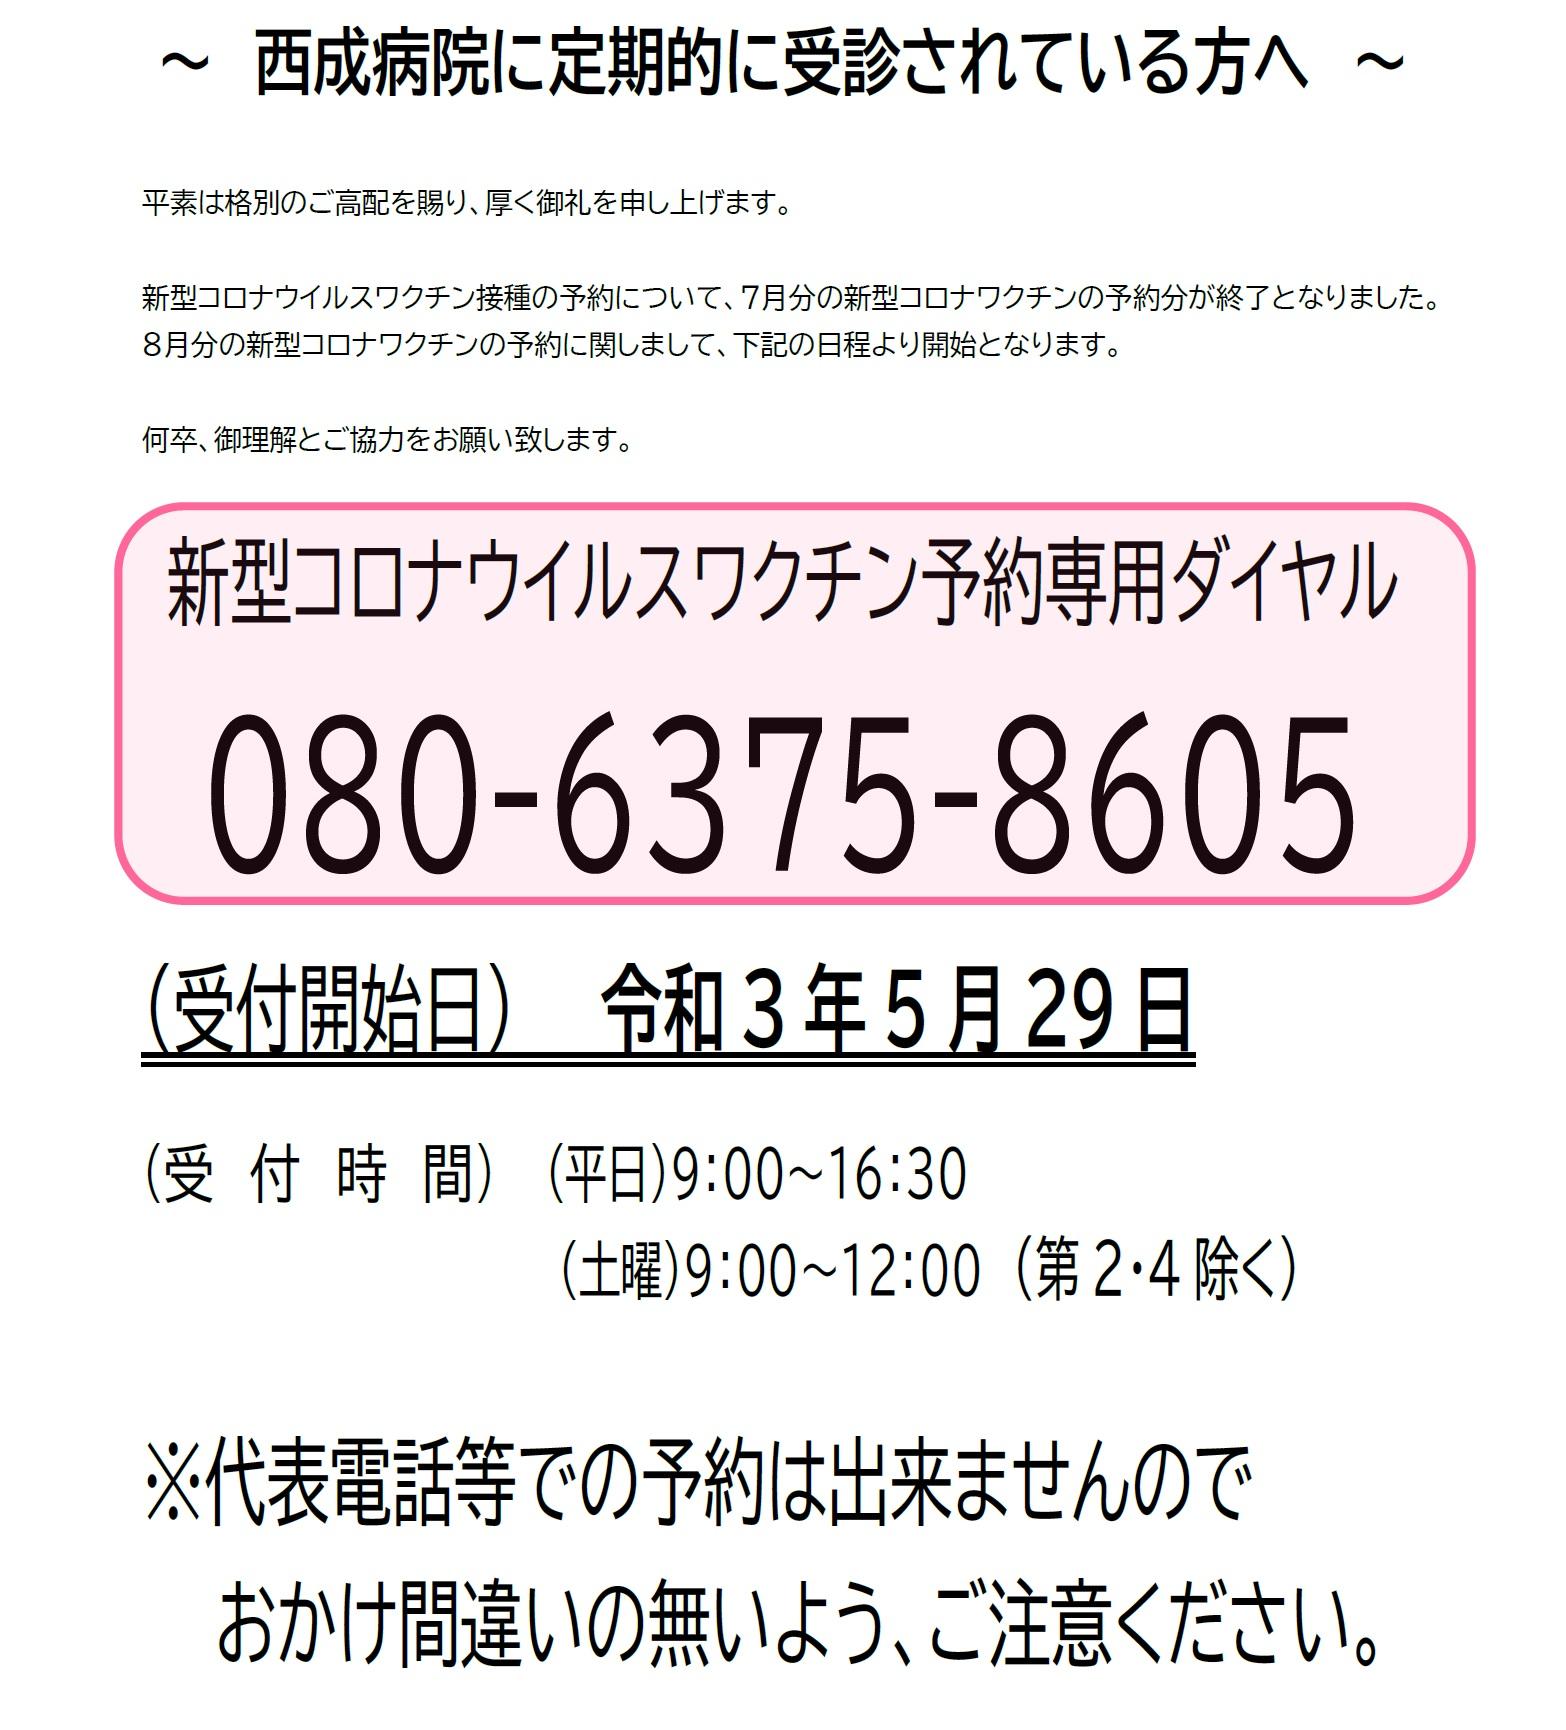 次回お知らせ2 画像.jpg